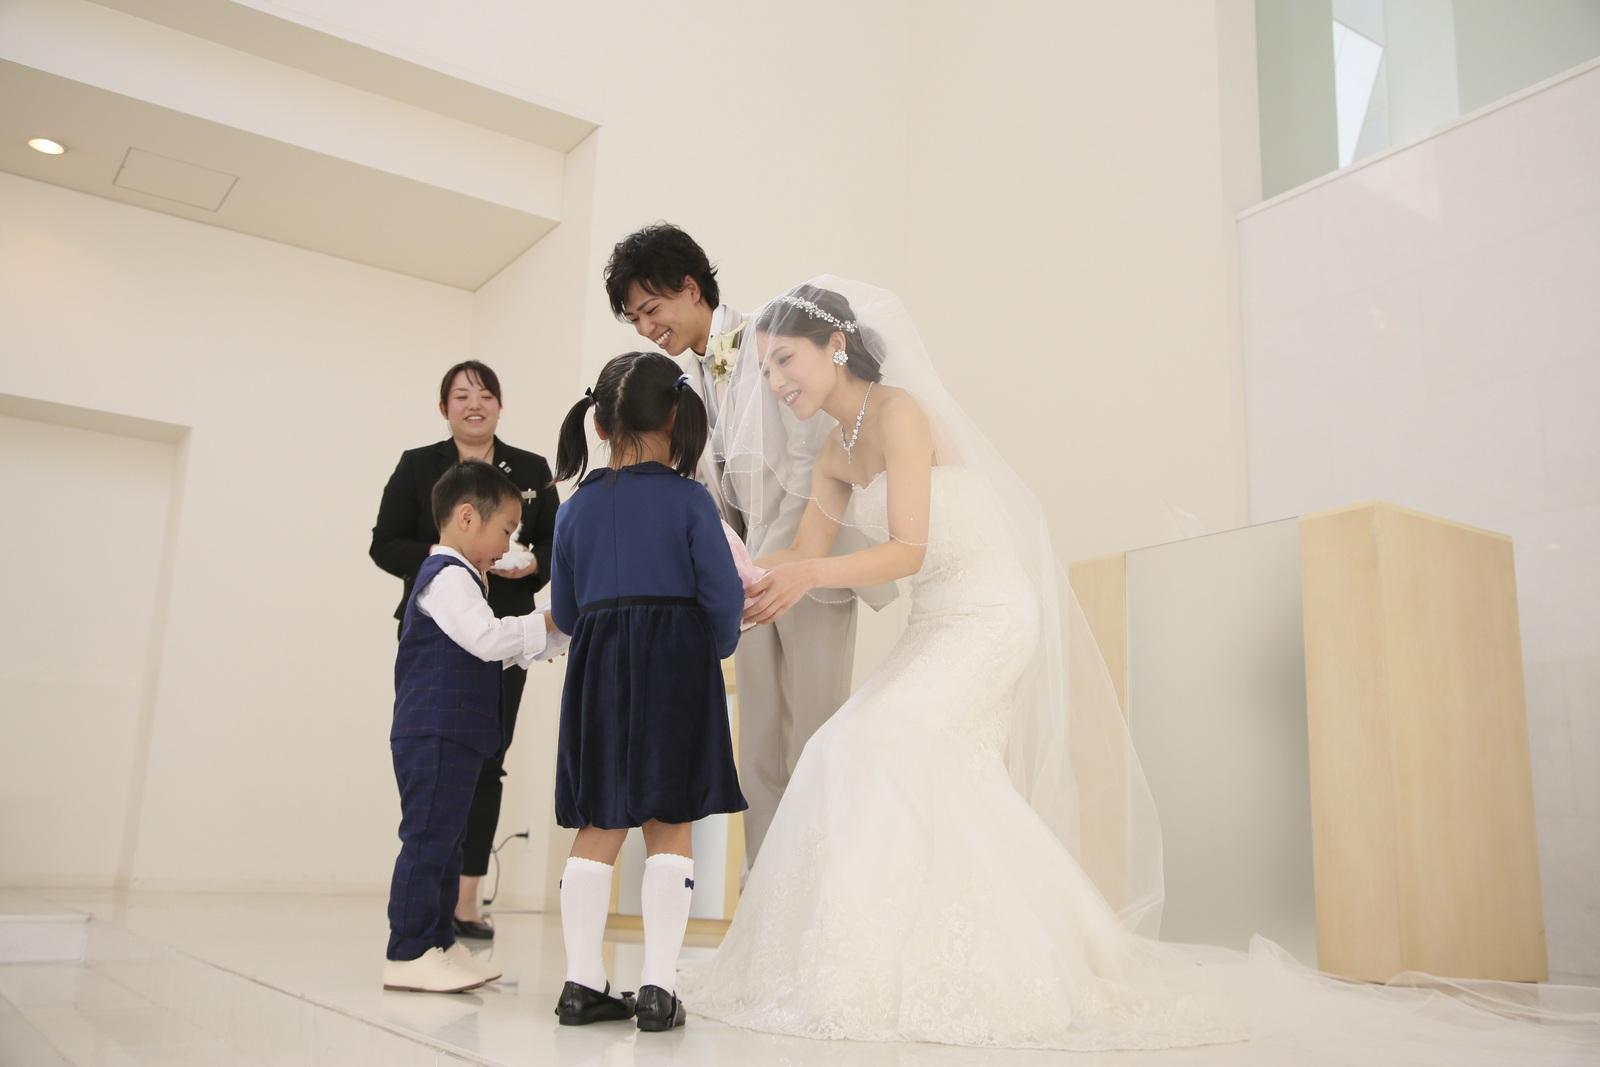 徳島市の結婚式場ブランアンジュでリングピローを運ぶお手伝いをしてくれた子どもたち